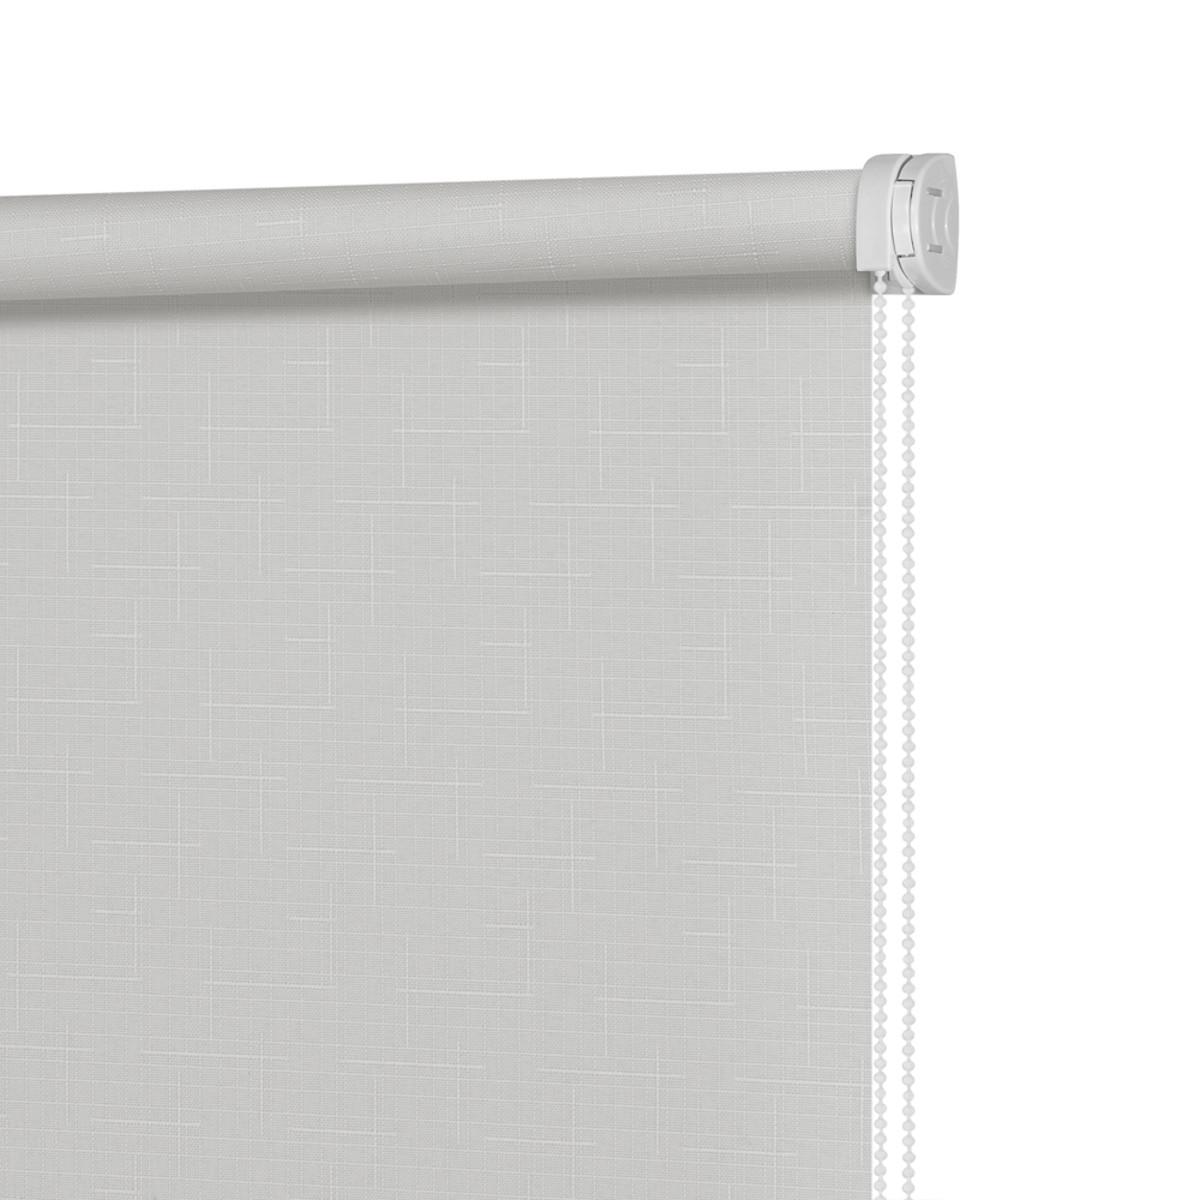 Рулонная Ора Decofest Апилера 90Х160 Цвет Серый